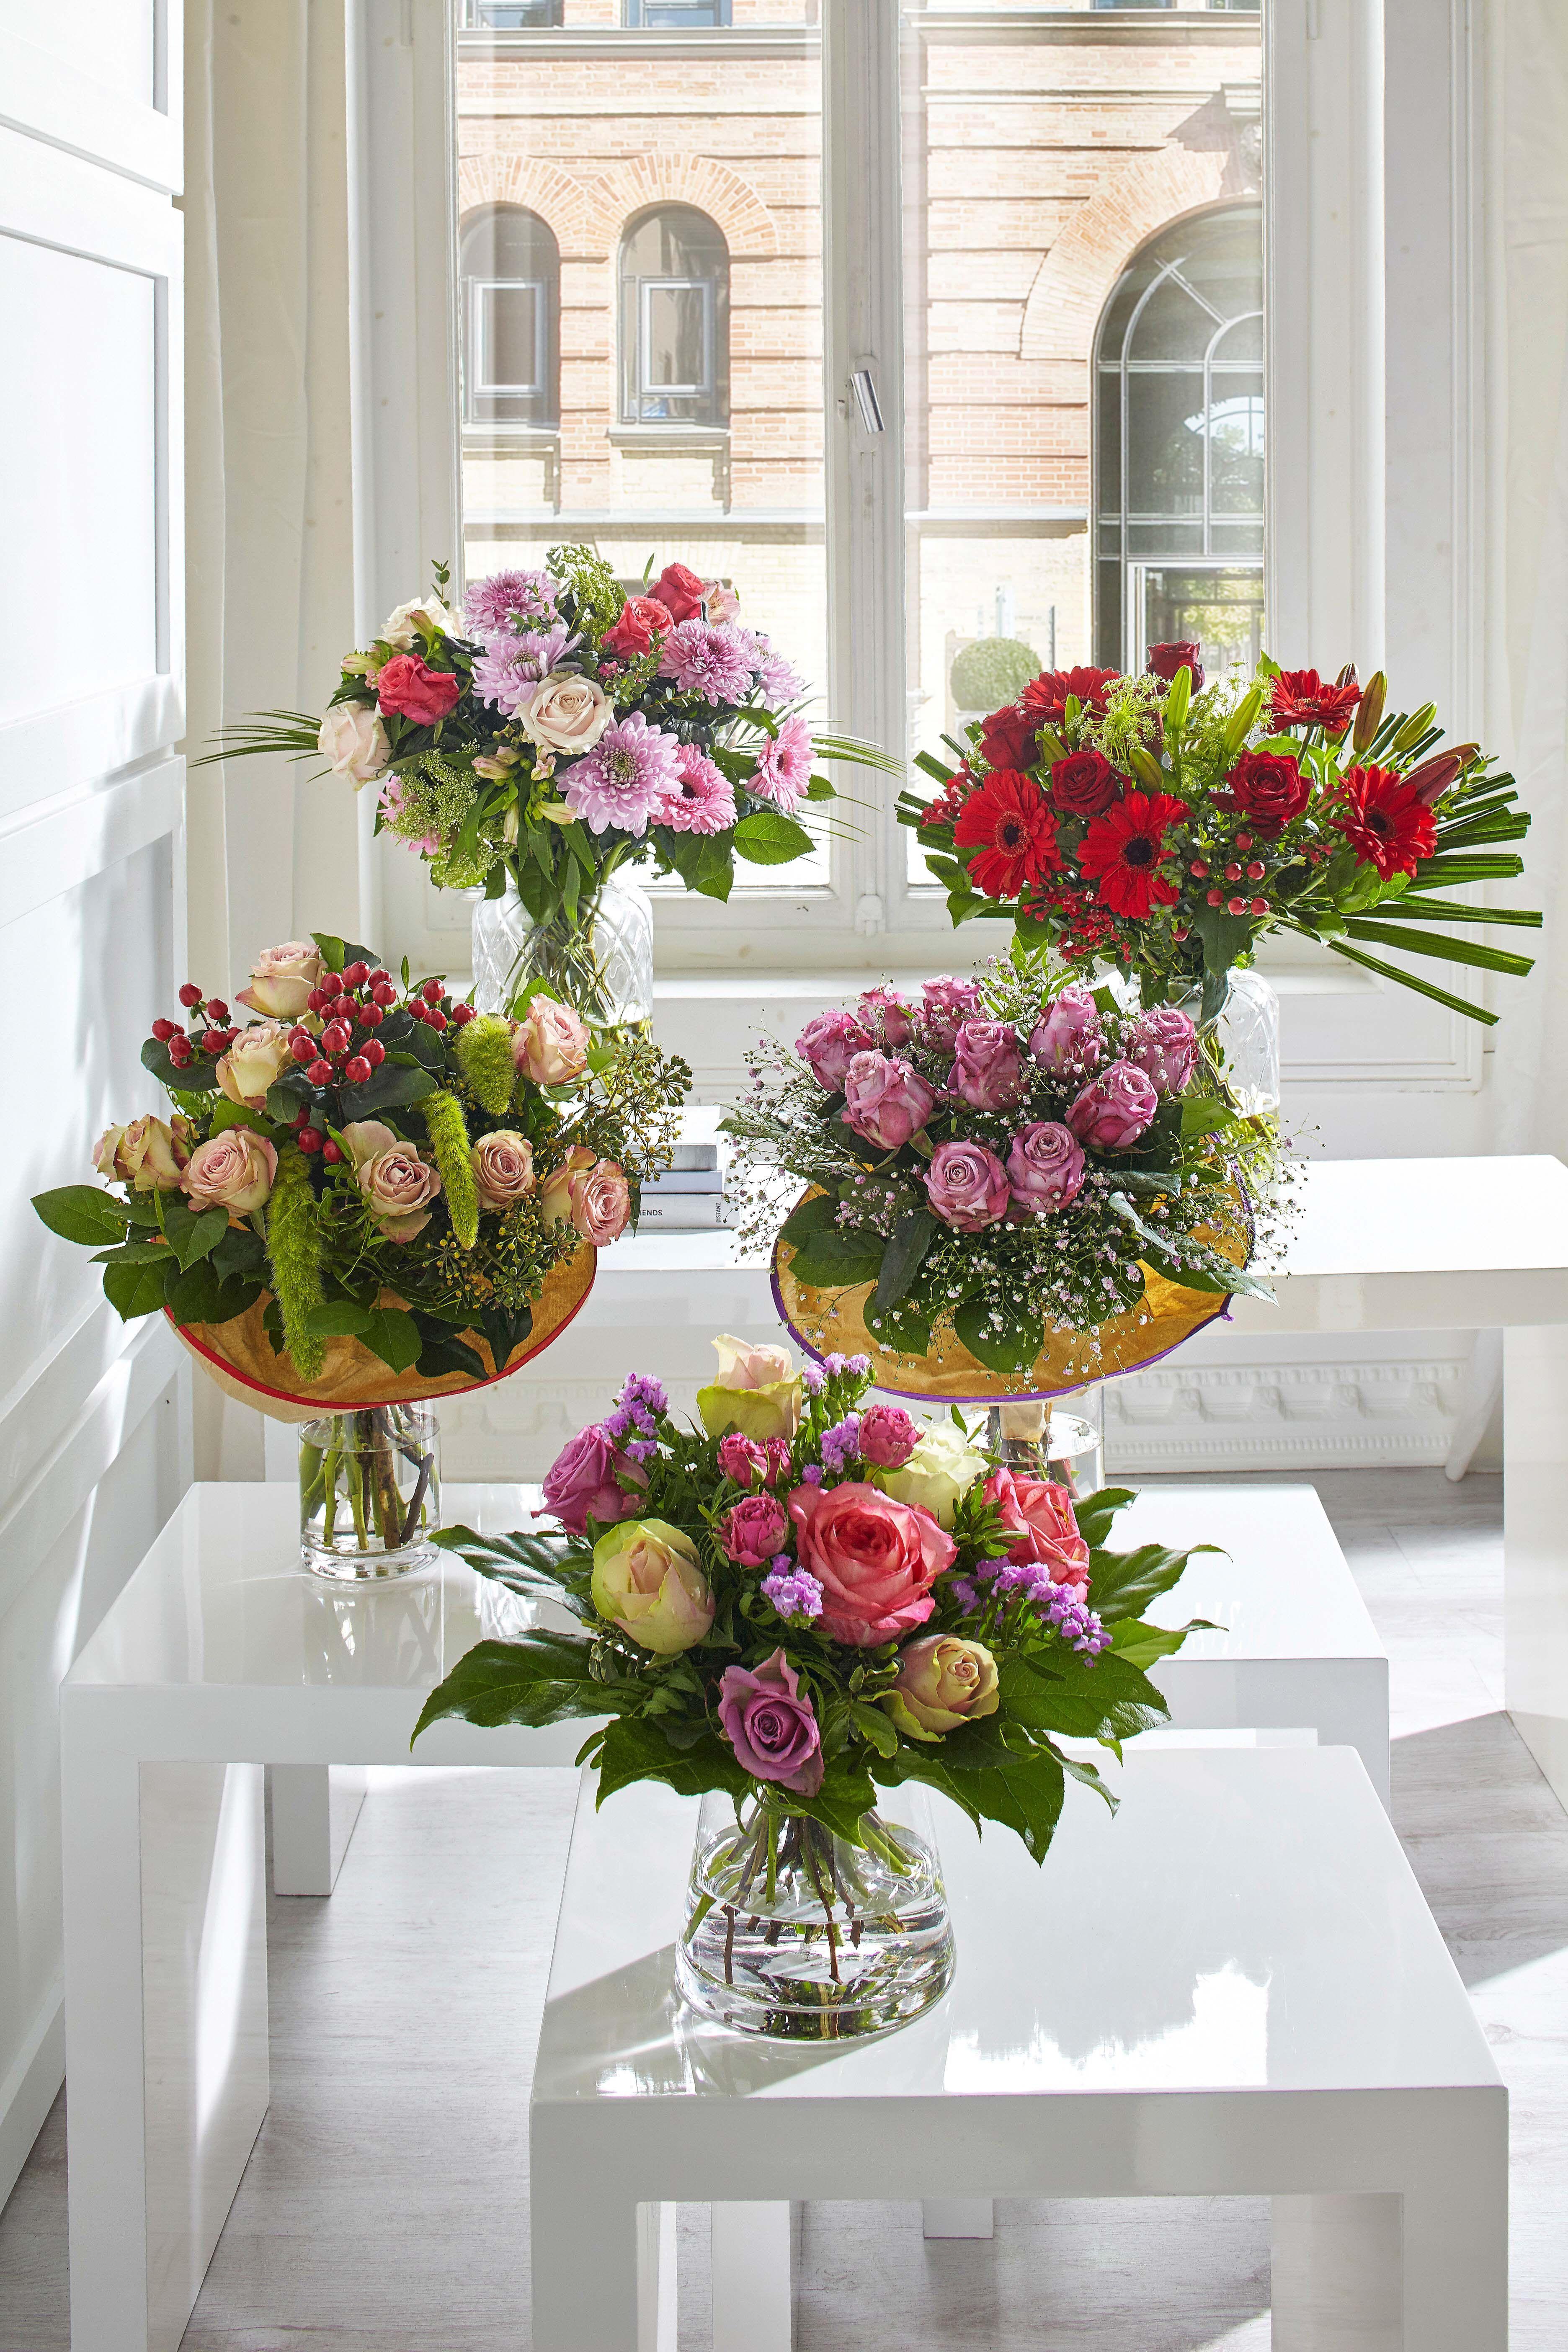 Blumenstrausse Blumenladen Dekor Blumenstrauss Blumenarrangements